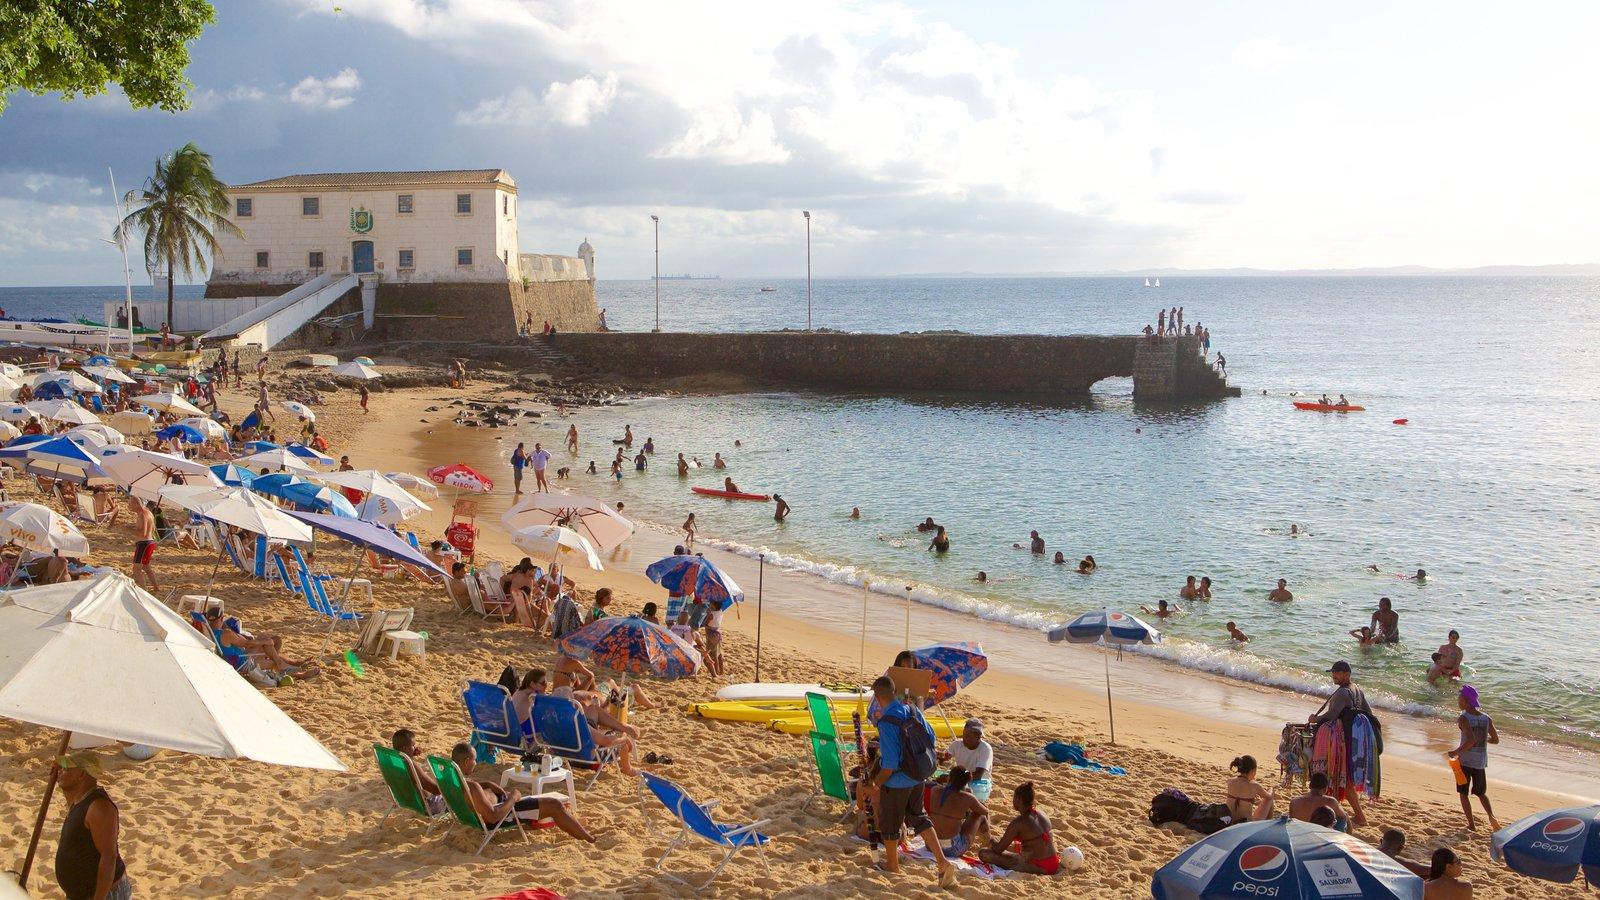 Praia do Porto da Barra que inclui paisagens litorâneas, natação e uma praia de areia